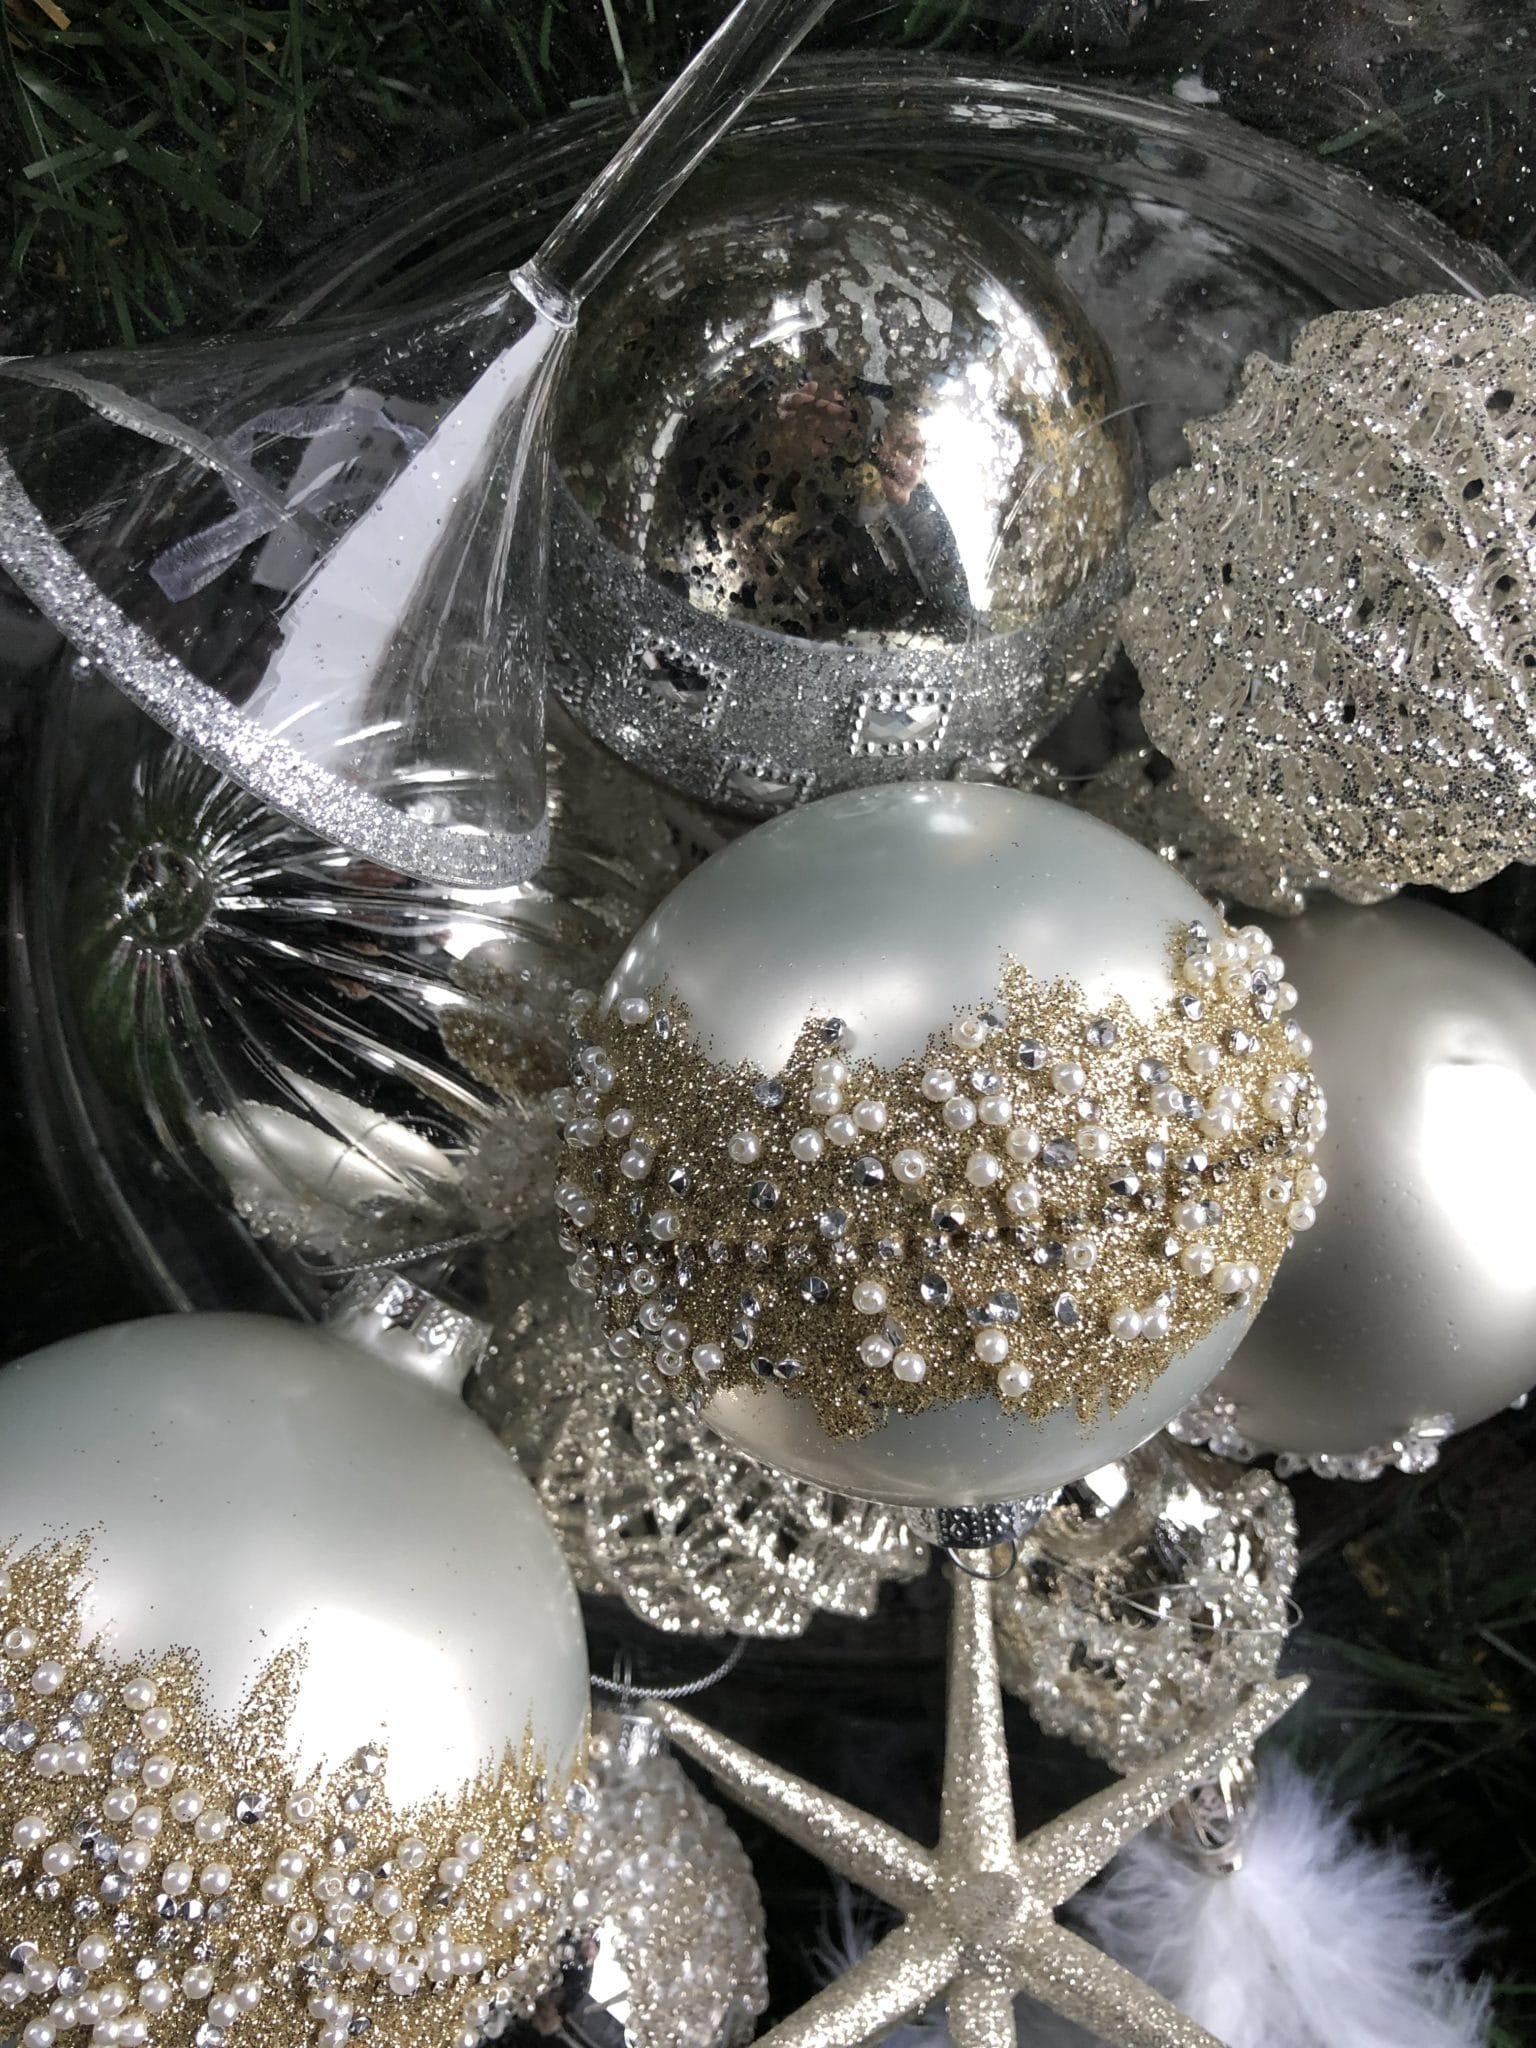 Lekre munnblåste julekuler i glass